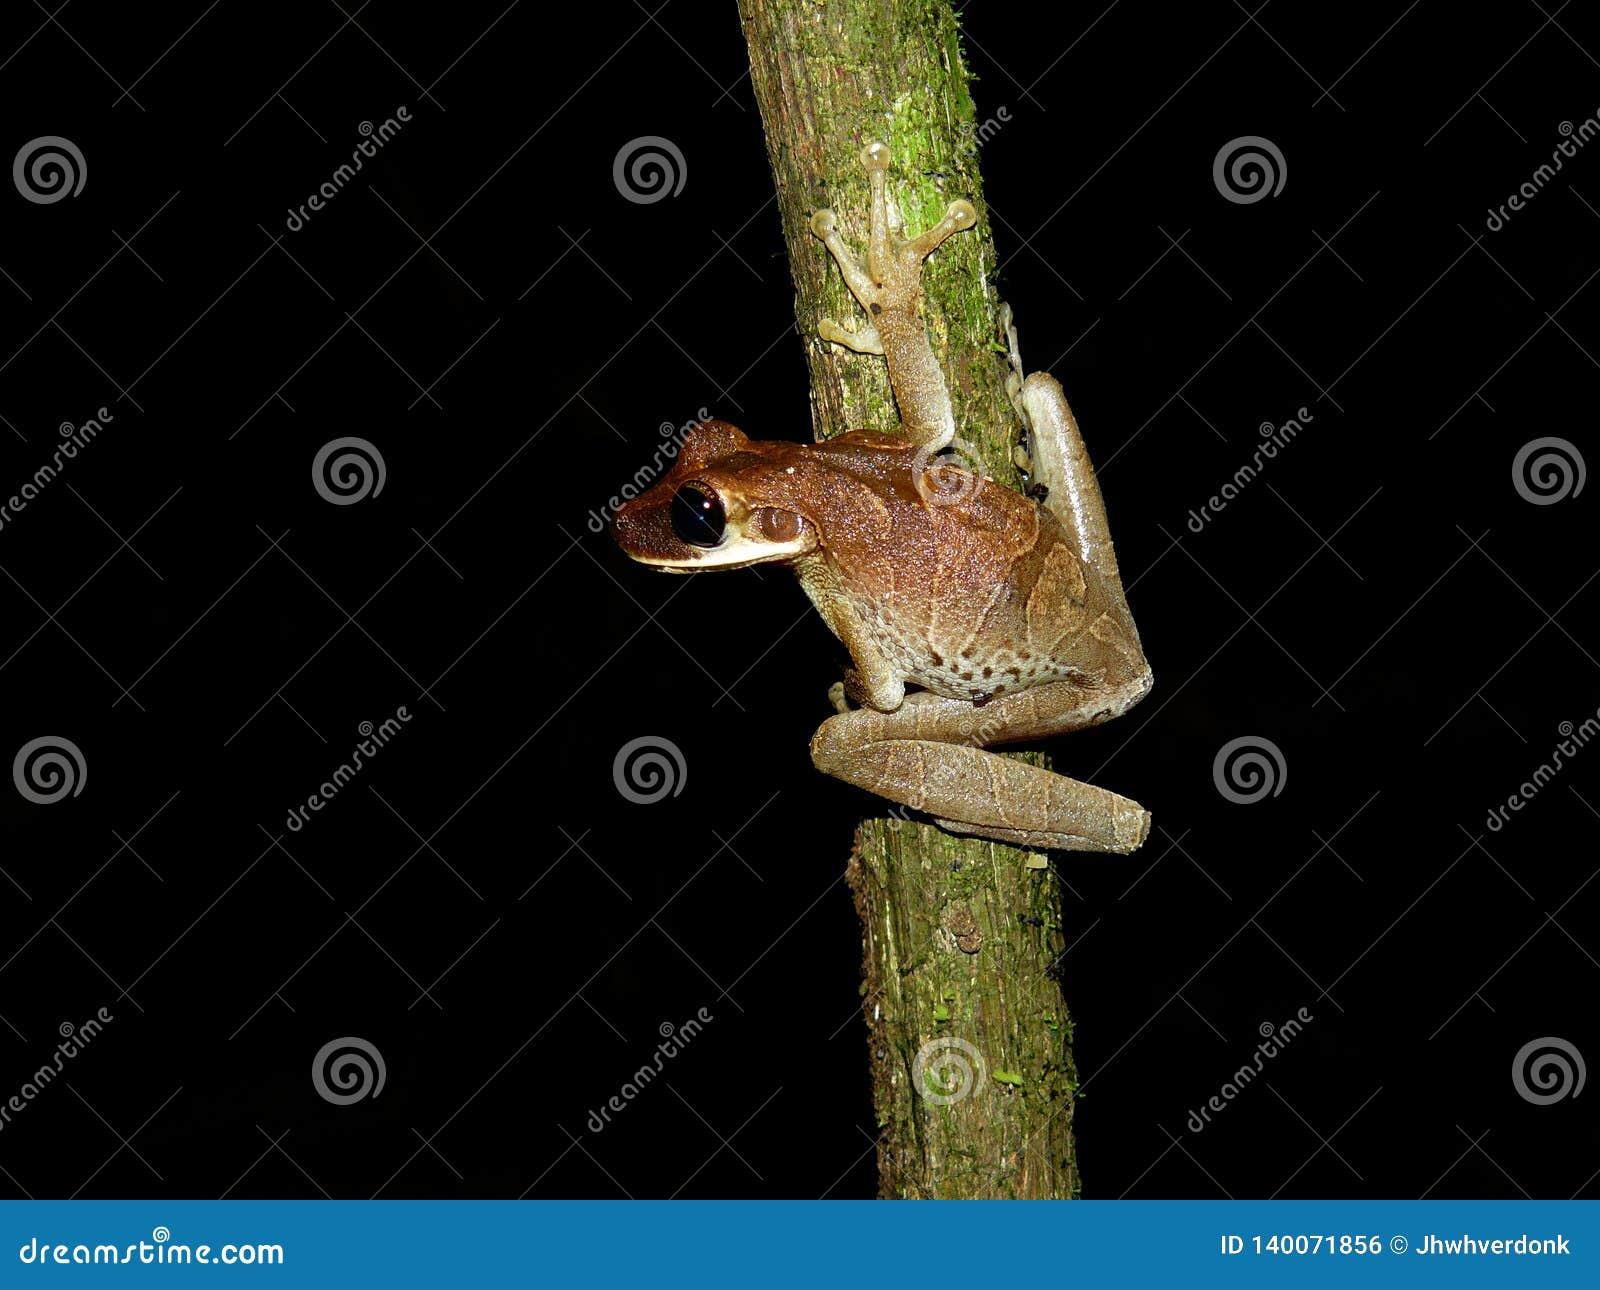 Treefrog traf während eines nightwalk im Dschungel an